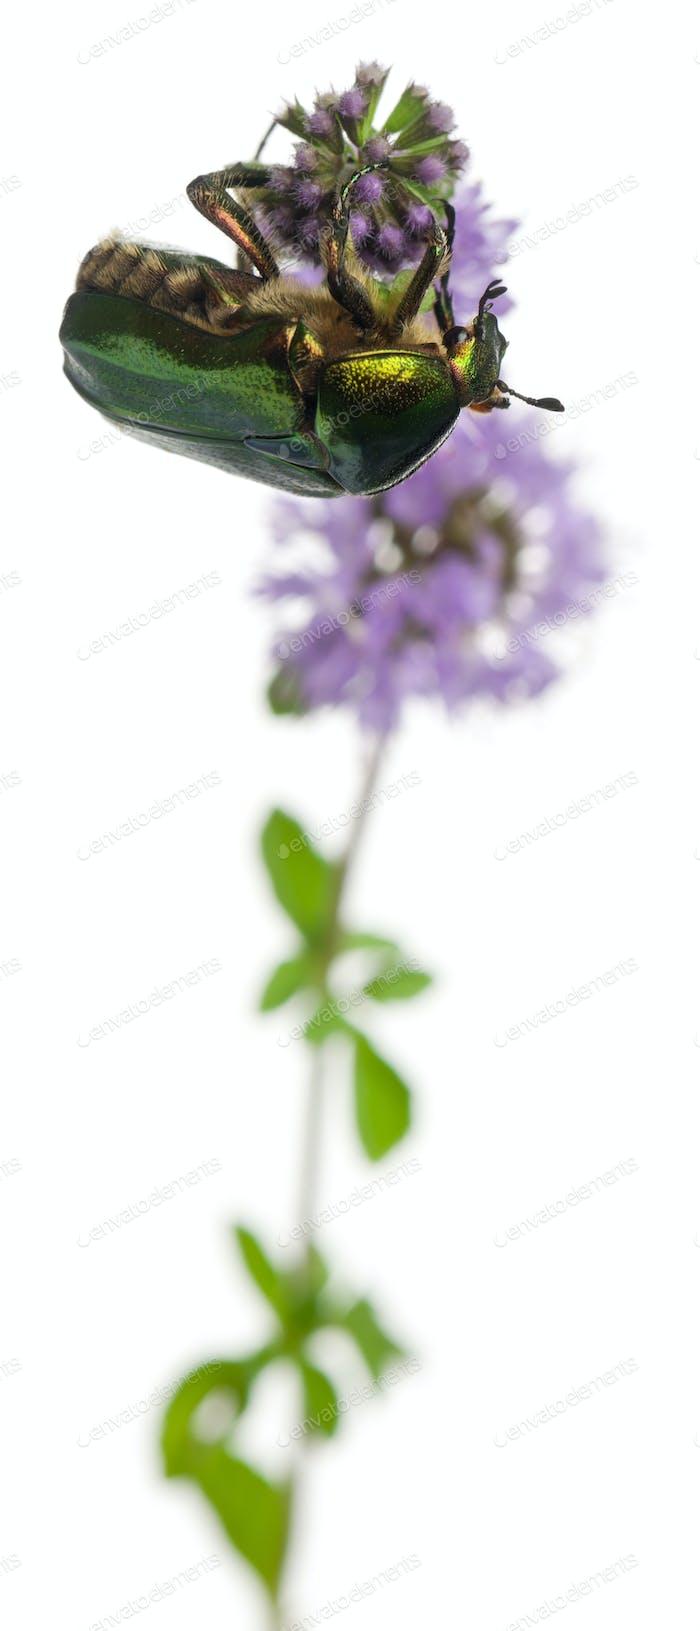 Rosenscheufer, Cetonia aurata, auf Pflanze vor weißem Hintergrund